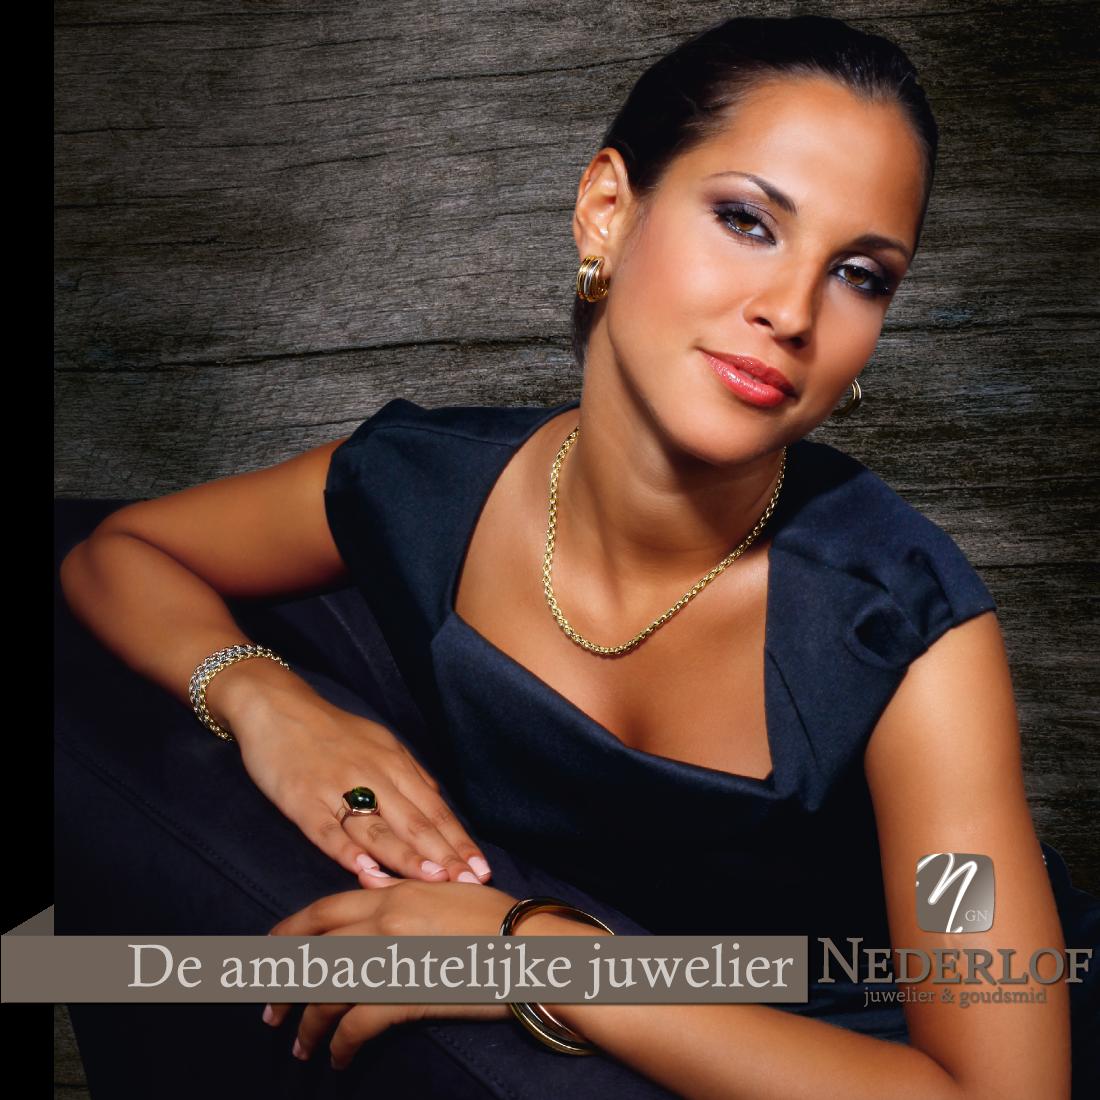 Afbeelding---Home-pagina---Nederlof---De-Lier---Juwelier-1.1-large